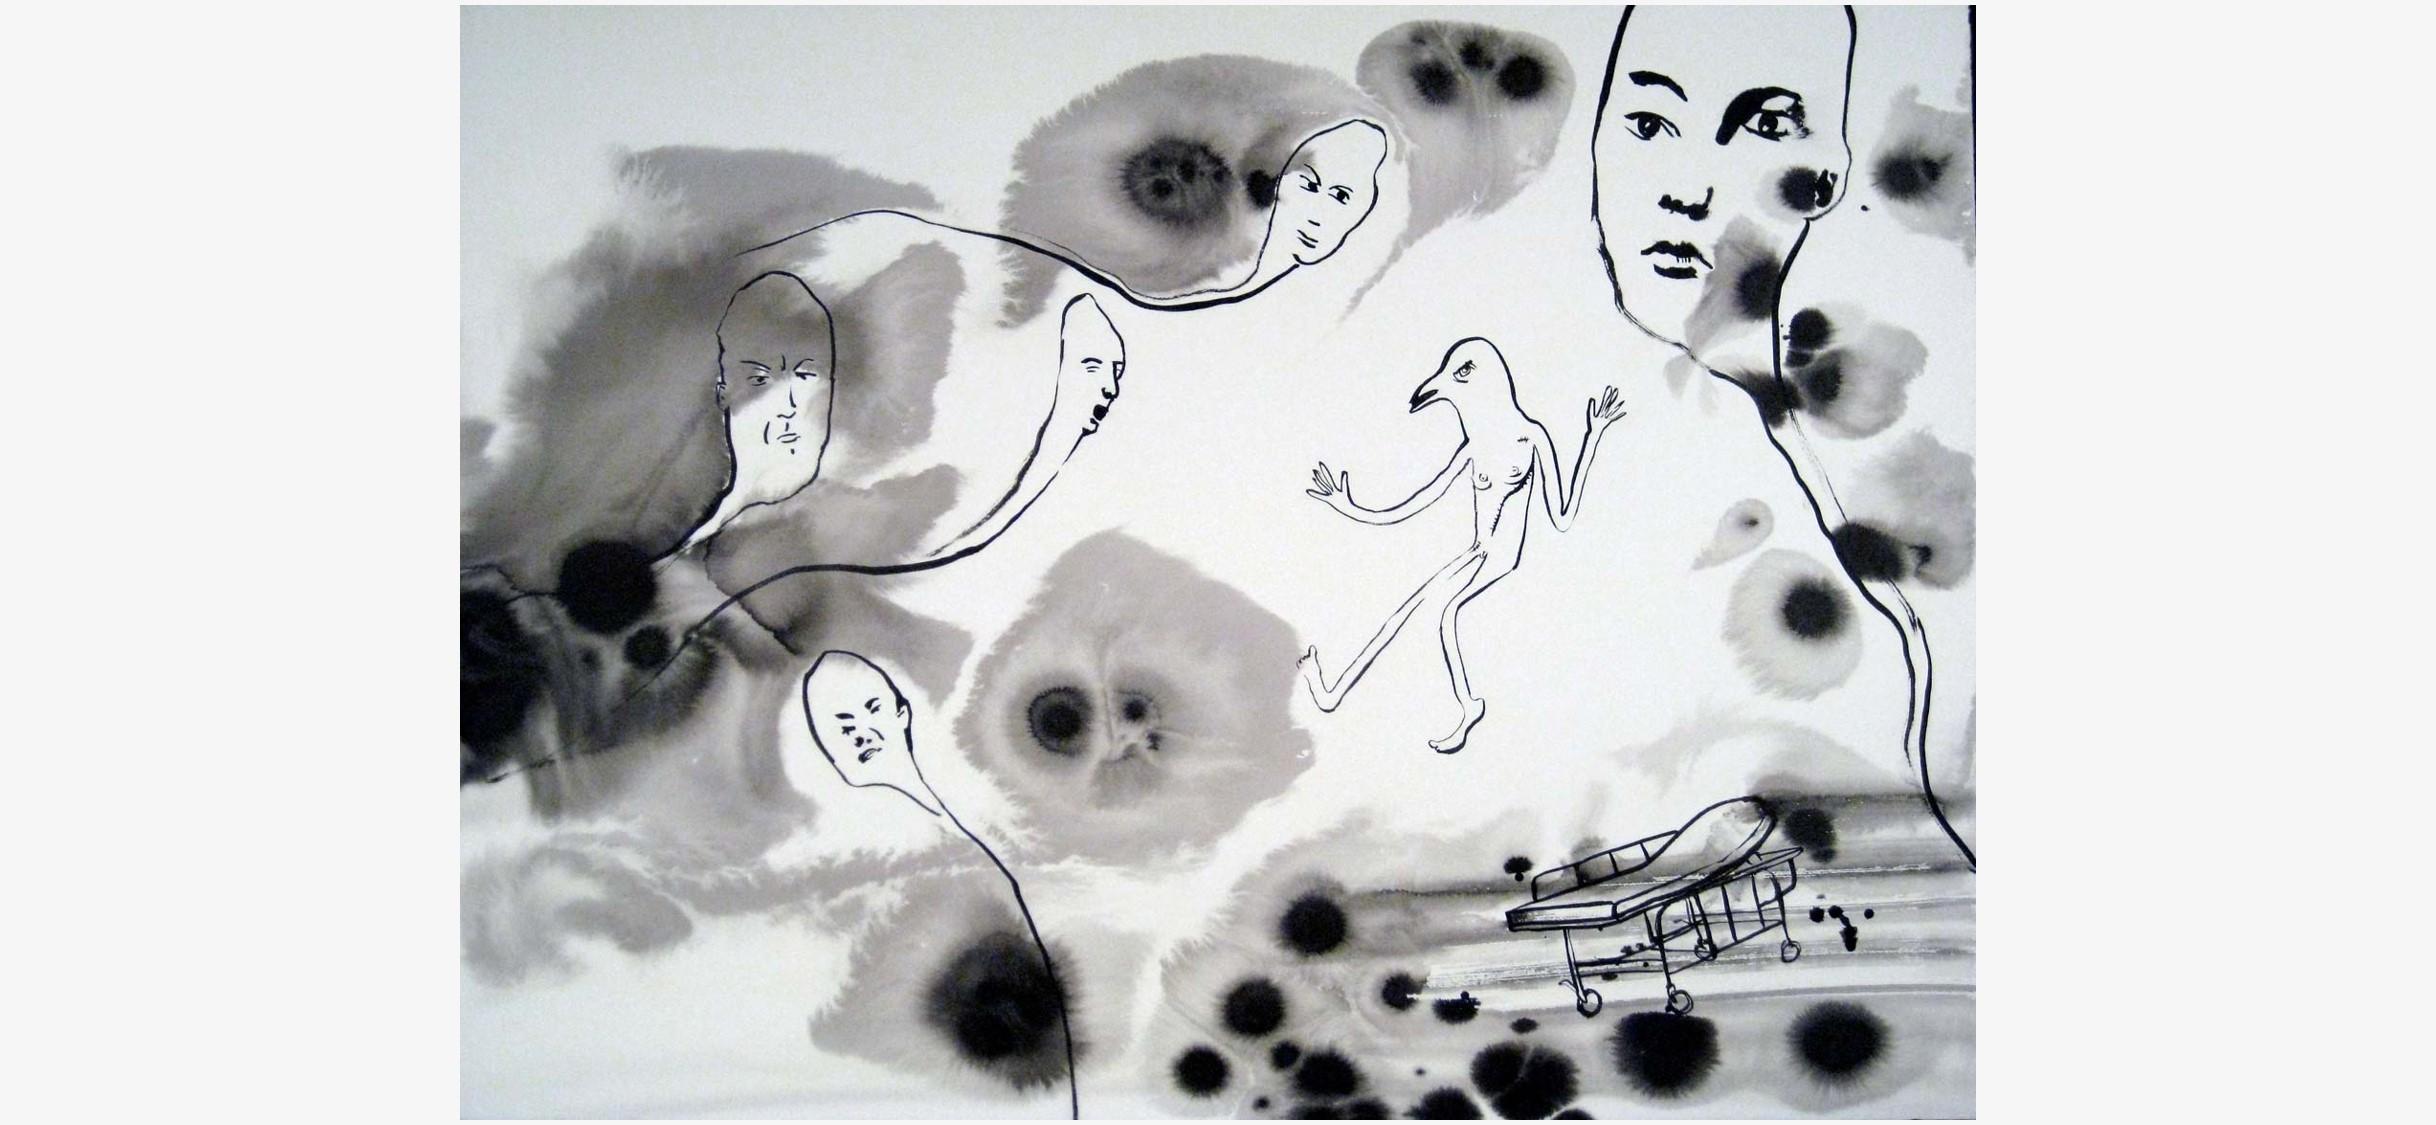 Artwork by Nancy Andrews